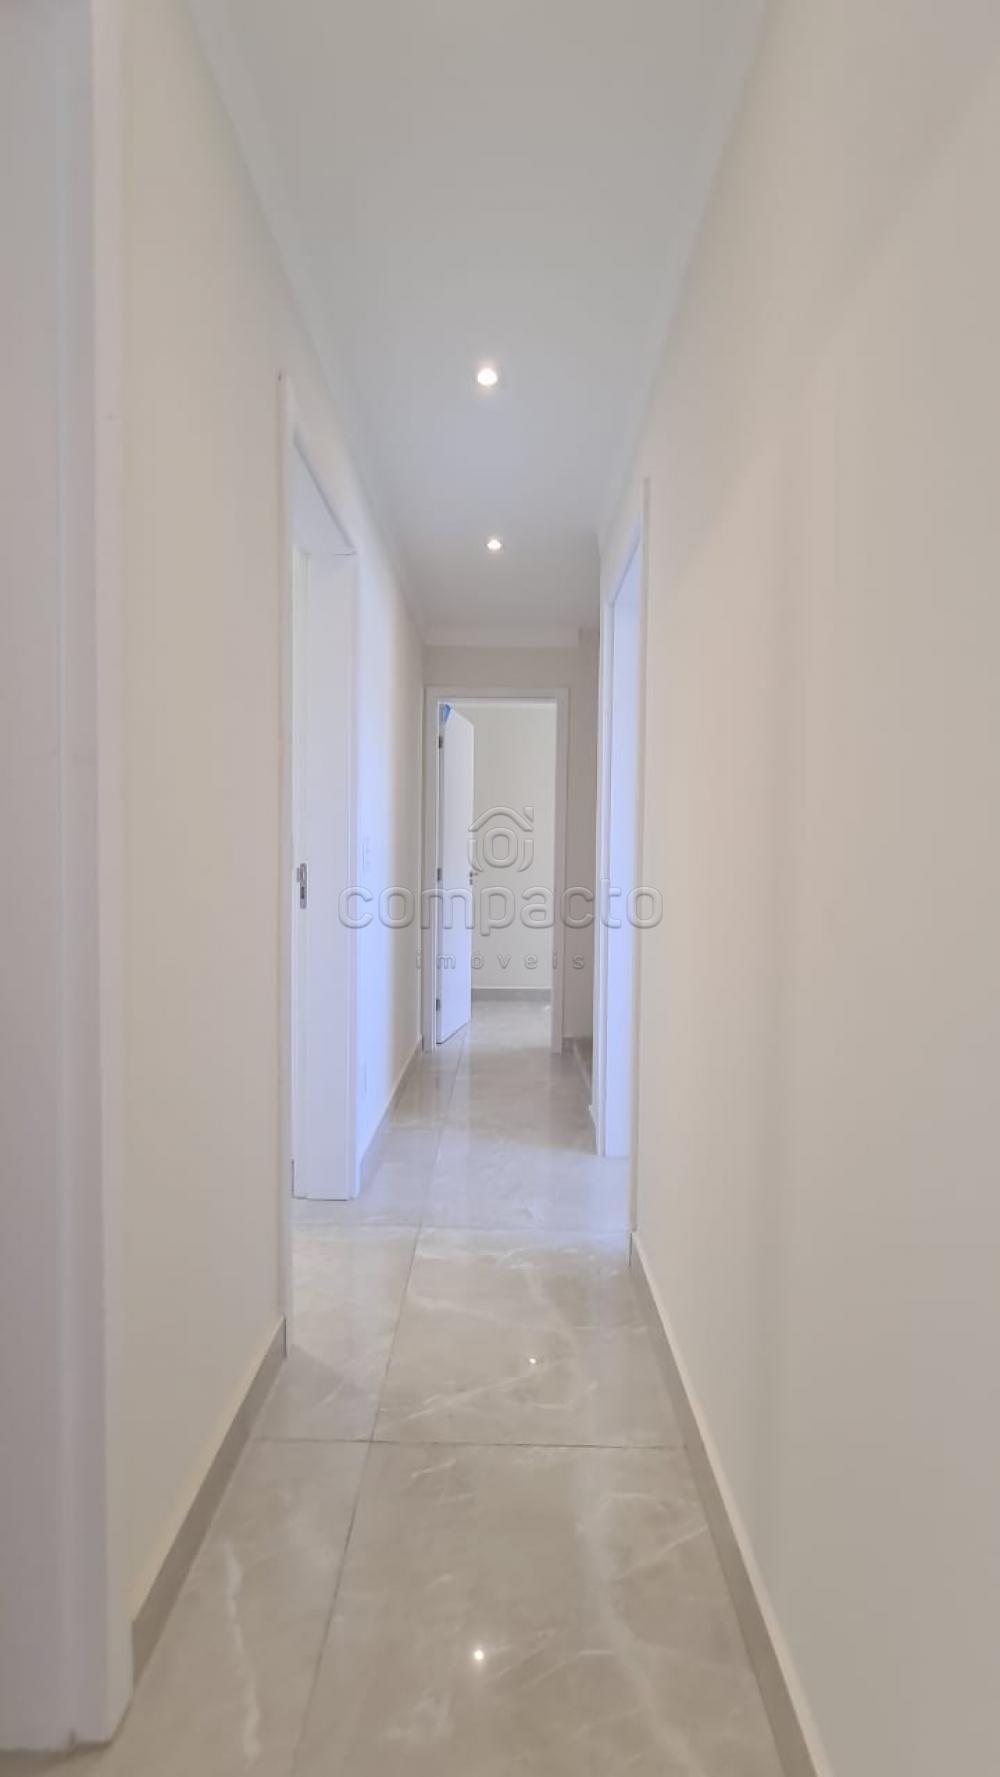 Alugar Apartamento / Padrão em São José do Rio Preto apenas R$ 3.600,00 - Foto 13